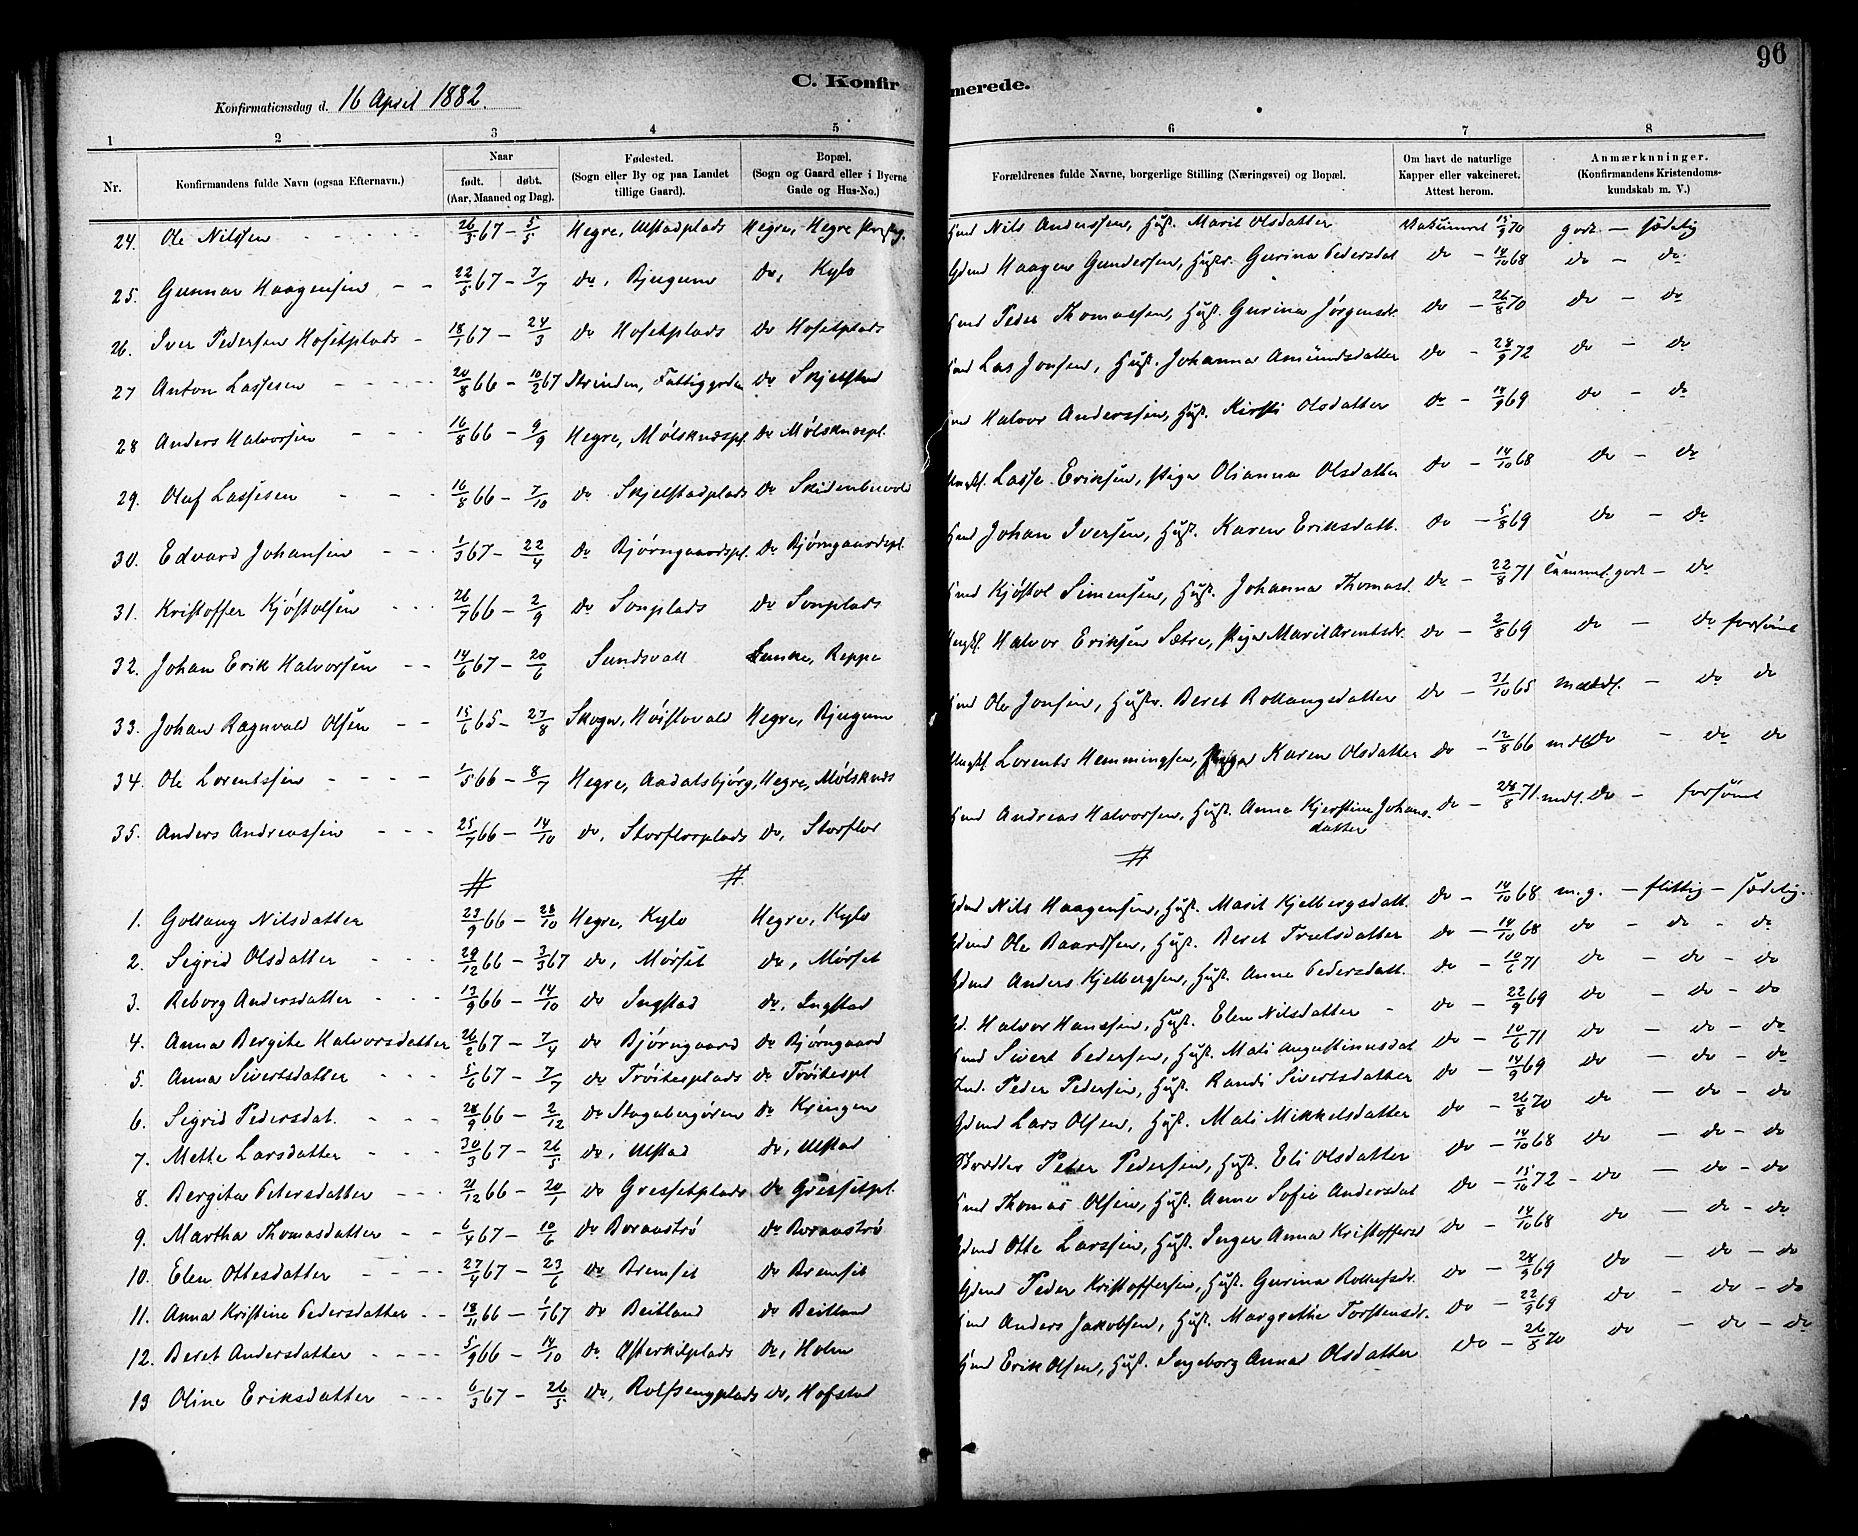 SAT, Ministerialprotokoller, klokkerbøker og fødselsregistre - Nord-Trøndelag, 703/L0030: Parish register (official) no. 703A03, 1880-1892, p. 96